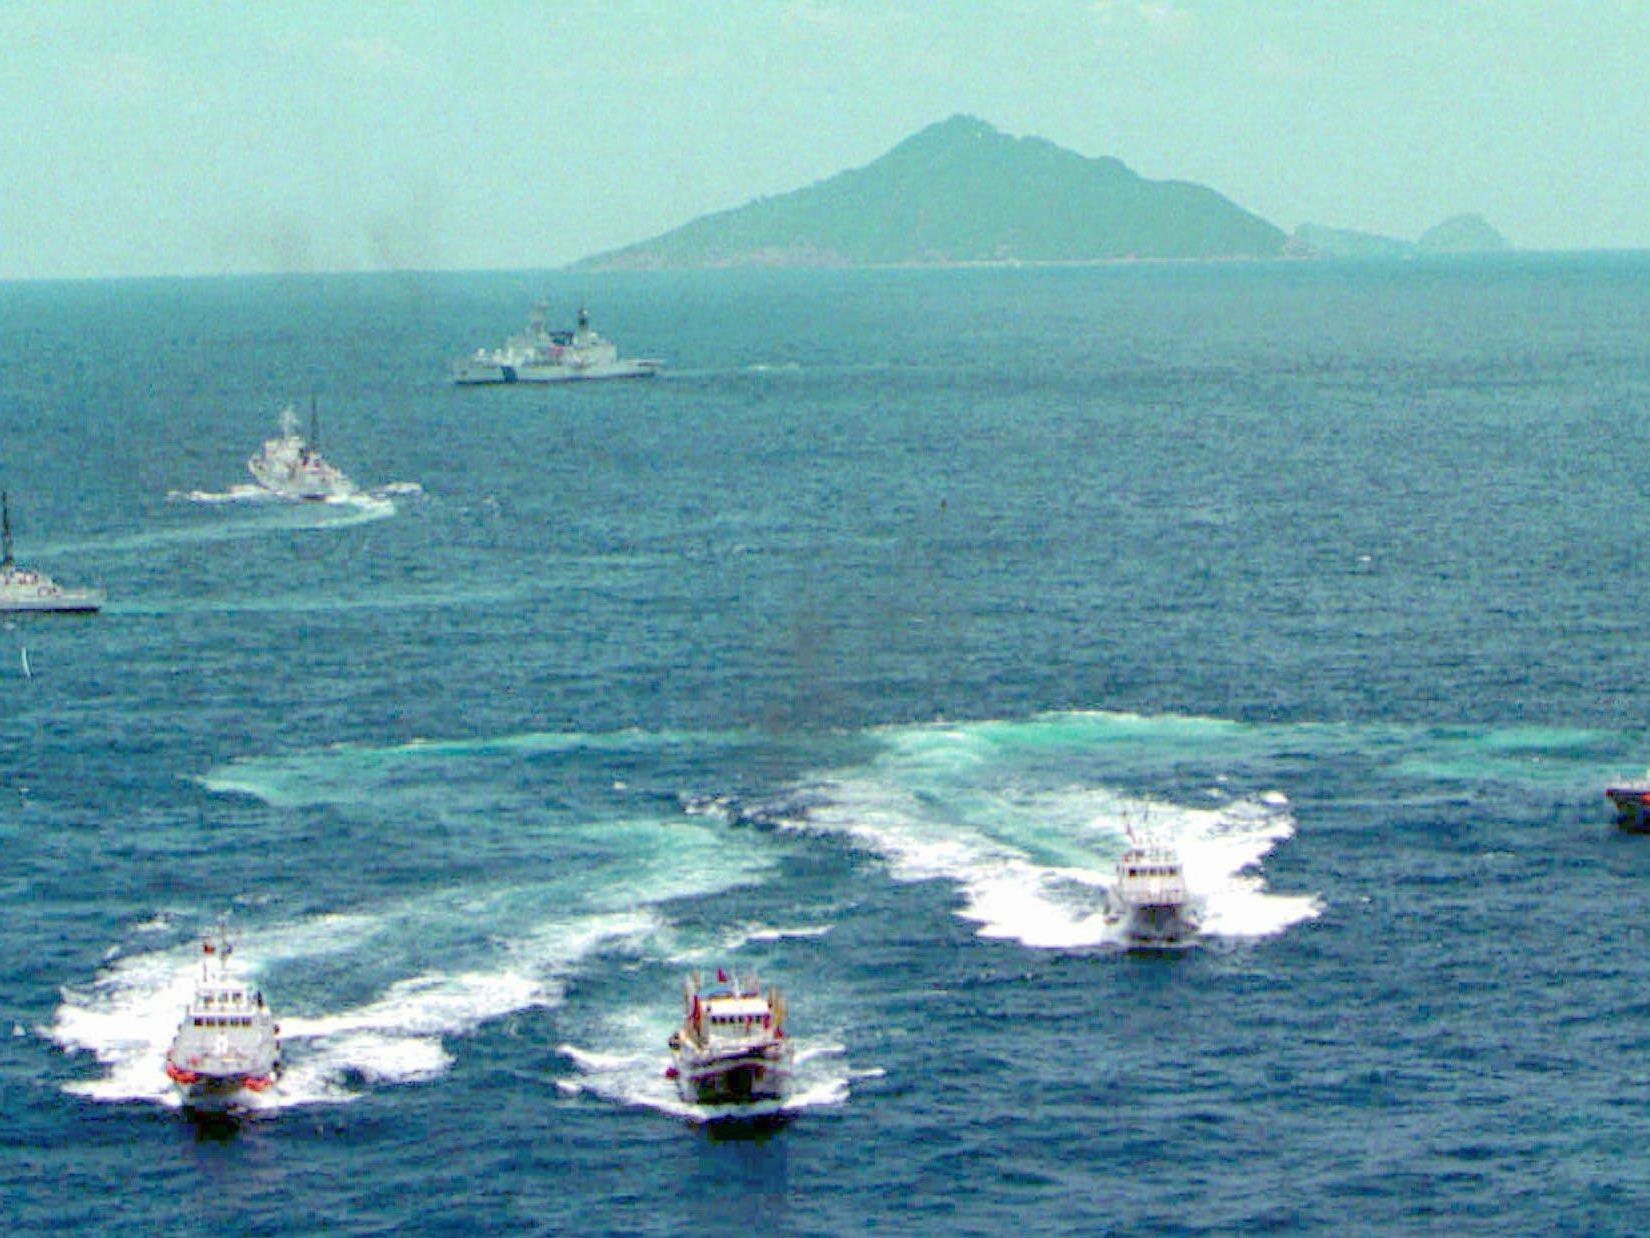 Zwei Personen werden nach dem Untergang eines Schiffes vor Taiwan vermisst.